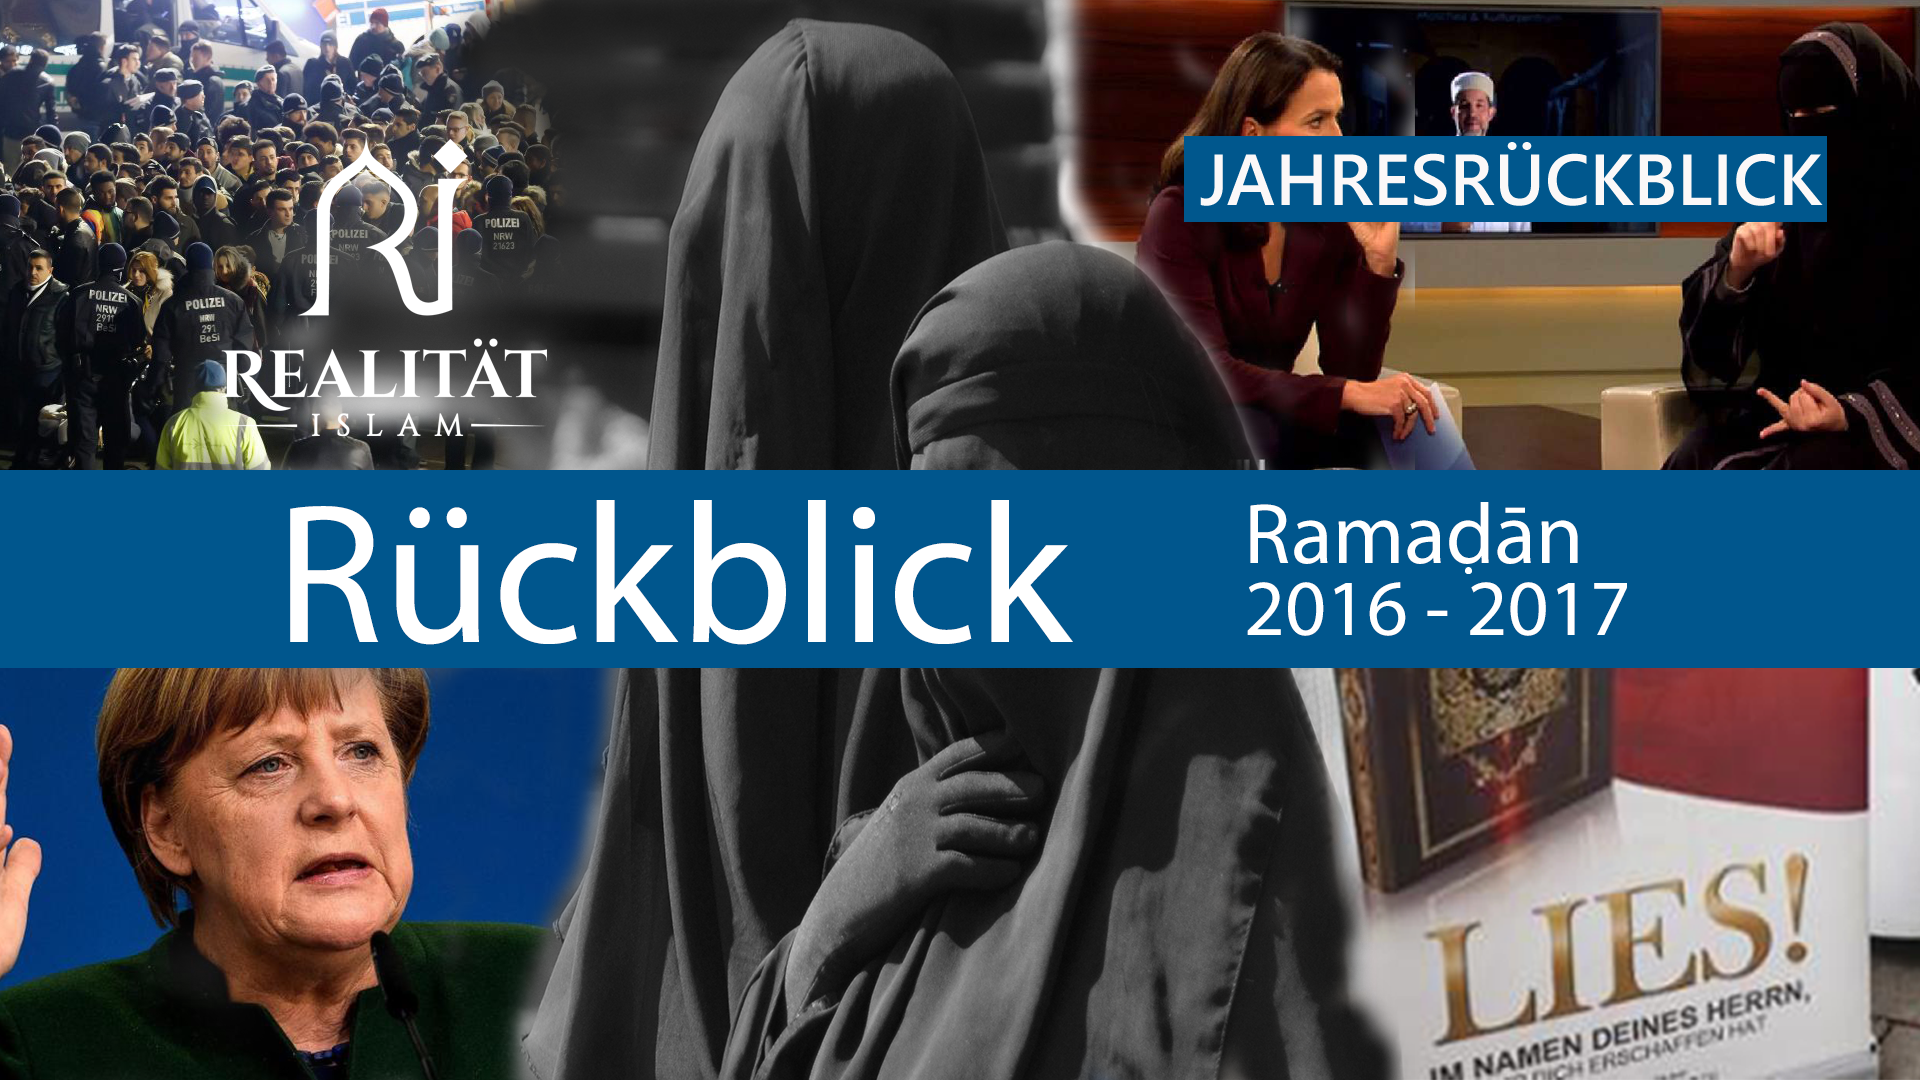 fastenzeit islam 2017 stuttgart